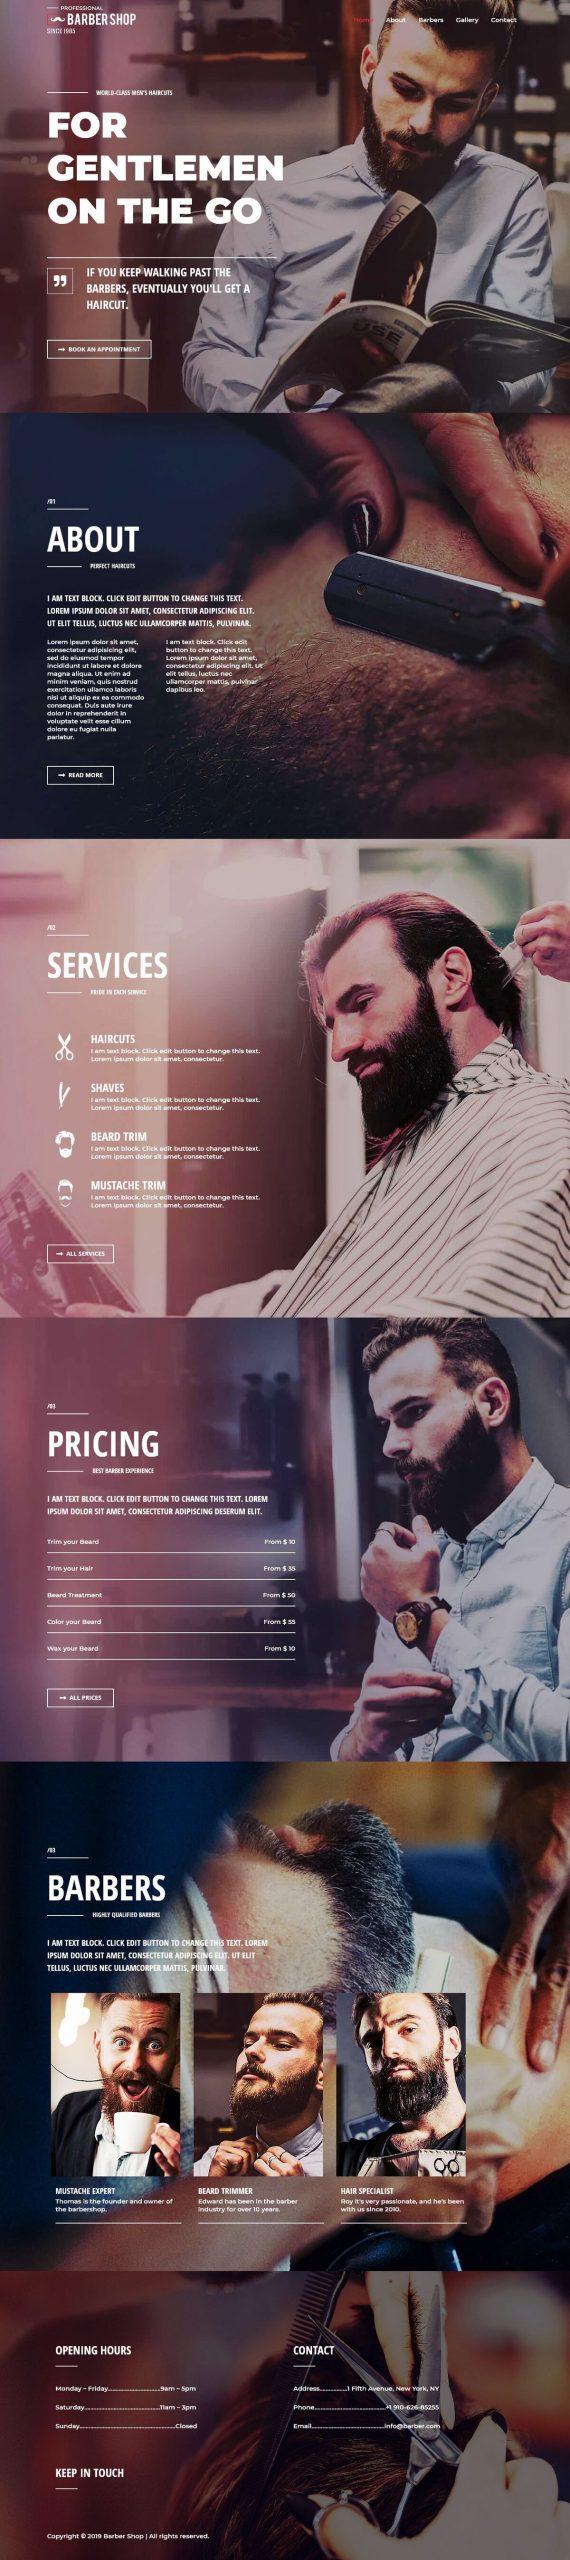 Kapperszaak website goedkoop